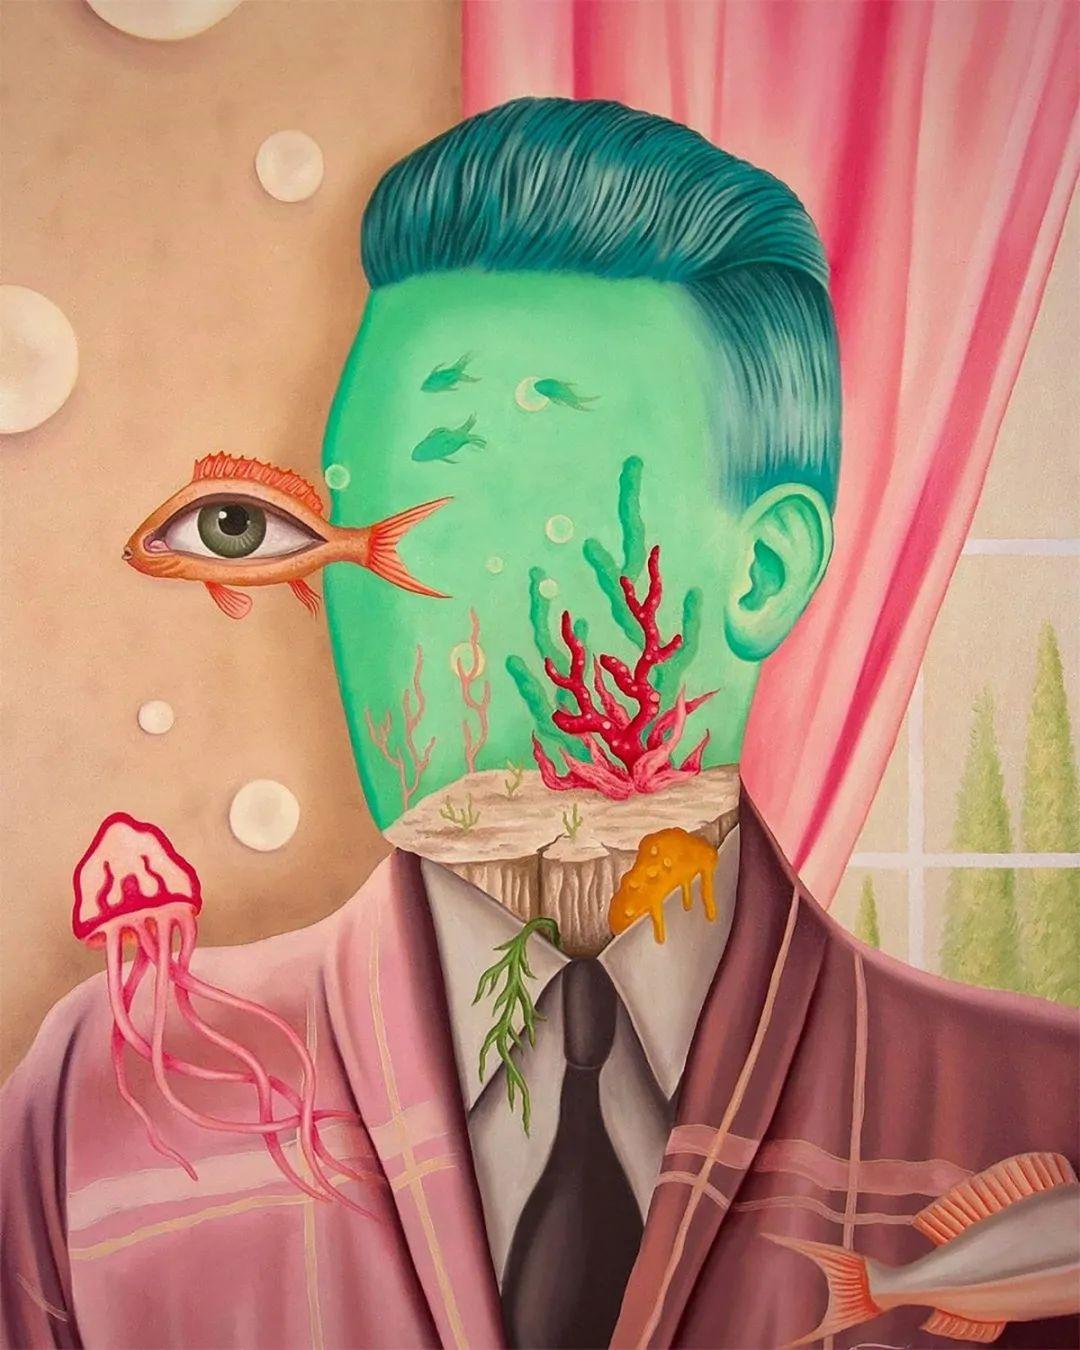 超凡的想象力,Rafael Silveira超现实主义肖像插画插图5